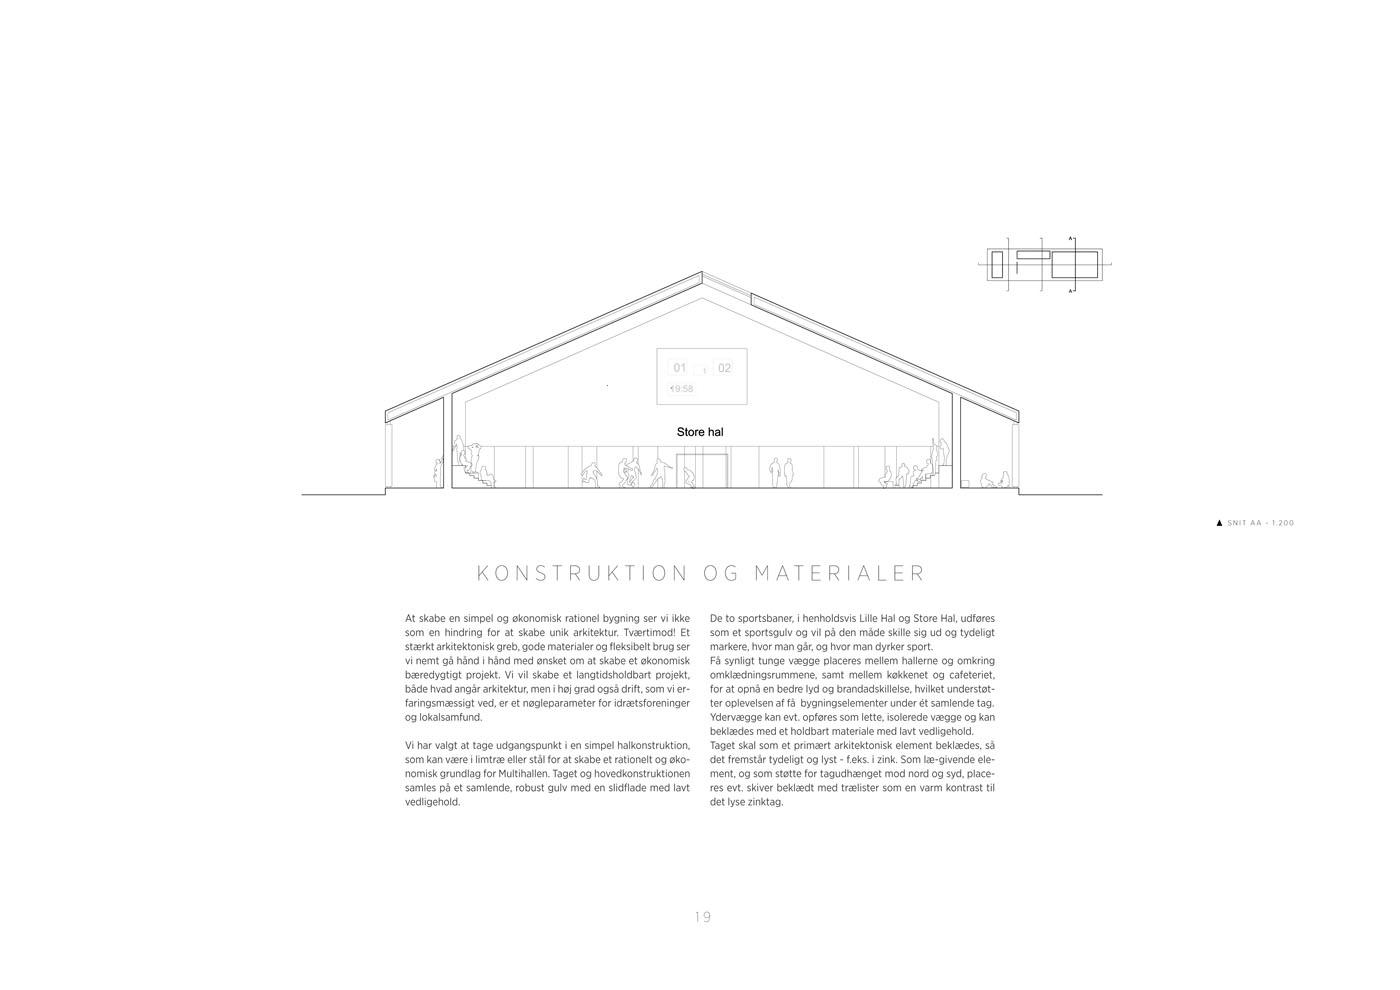 StavtrupMultihal-CFMoller_19